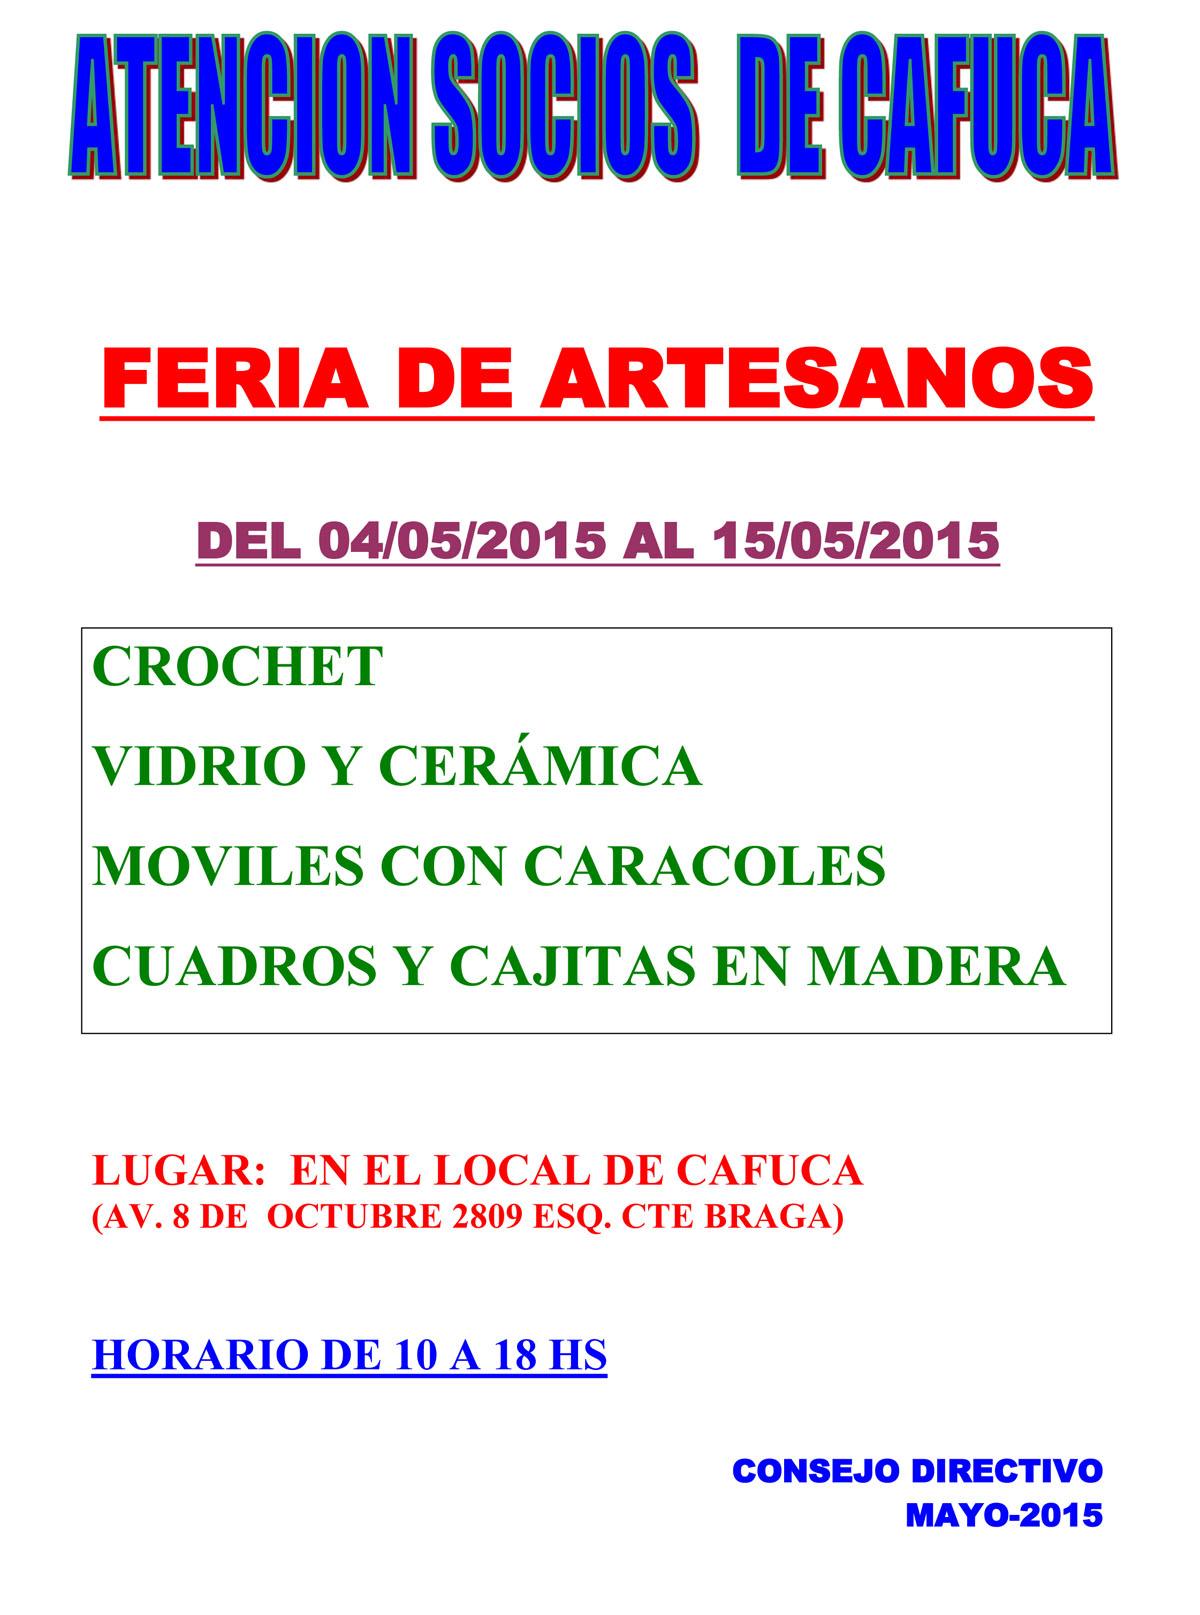 FERIA-DE-ARTESANOS-2015